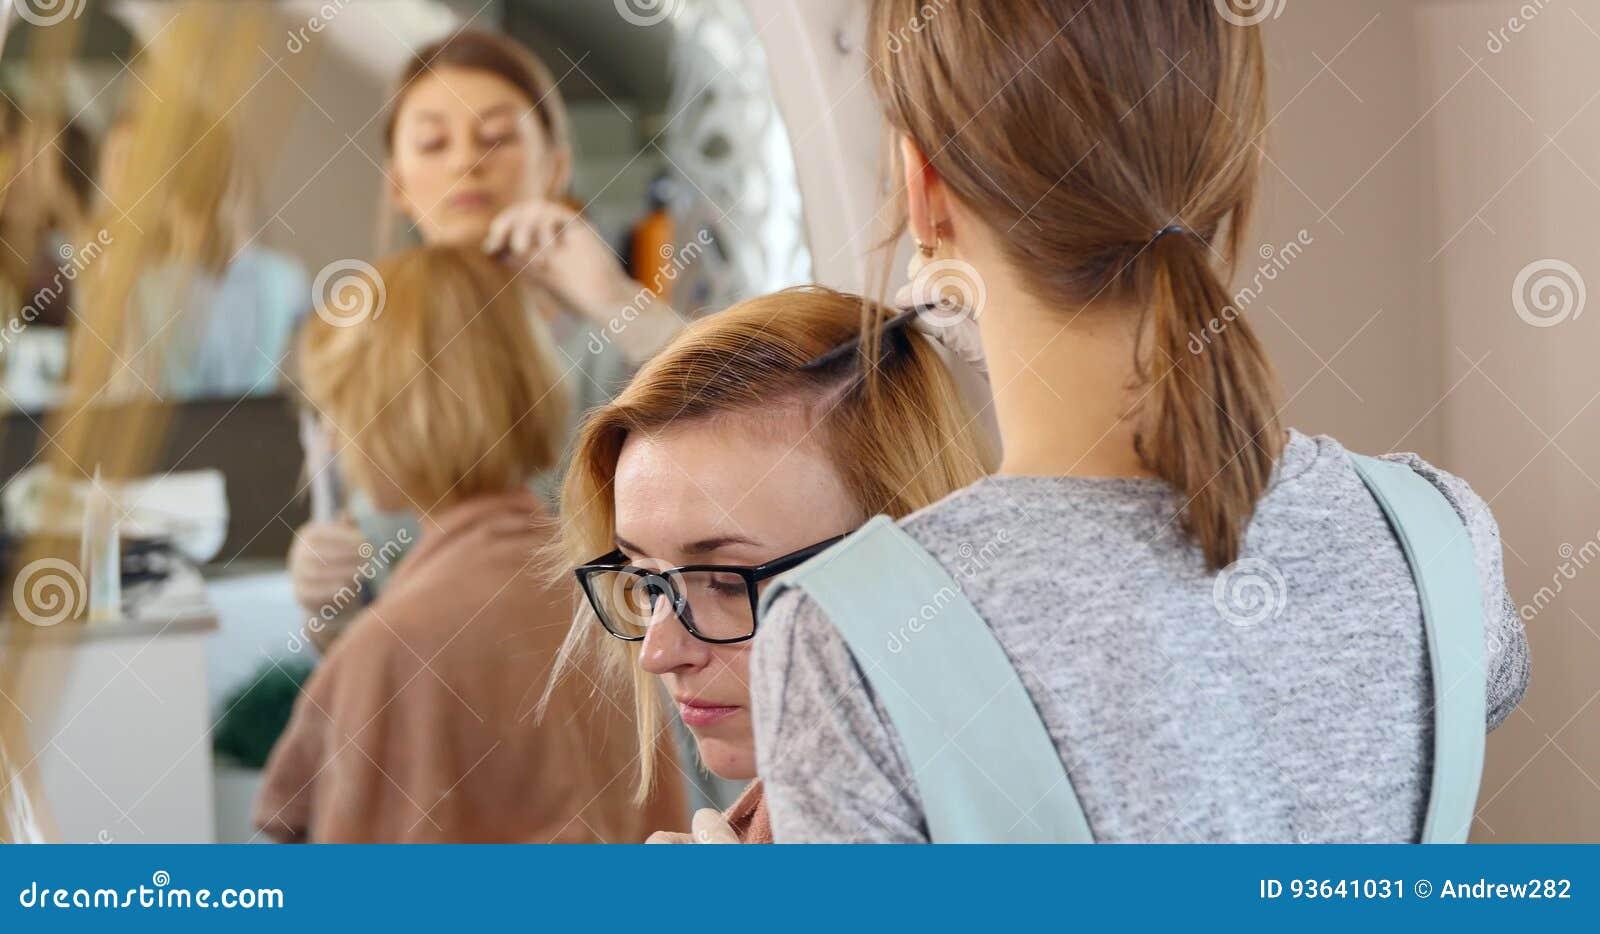 Hoe maak je haar spuiten Videos